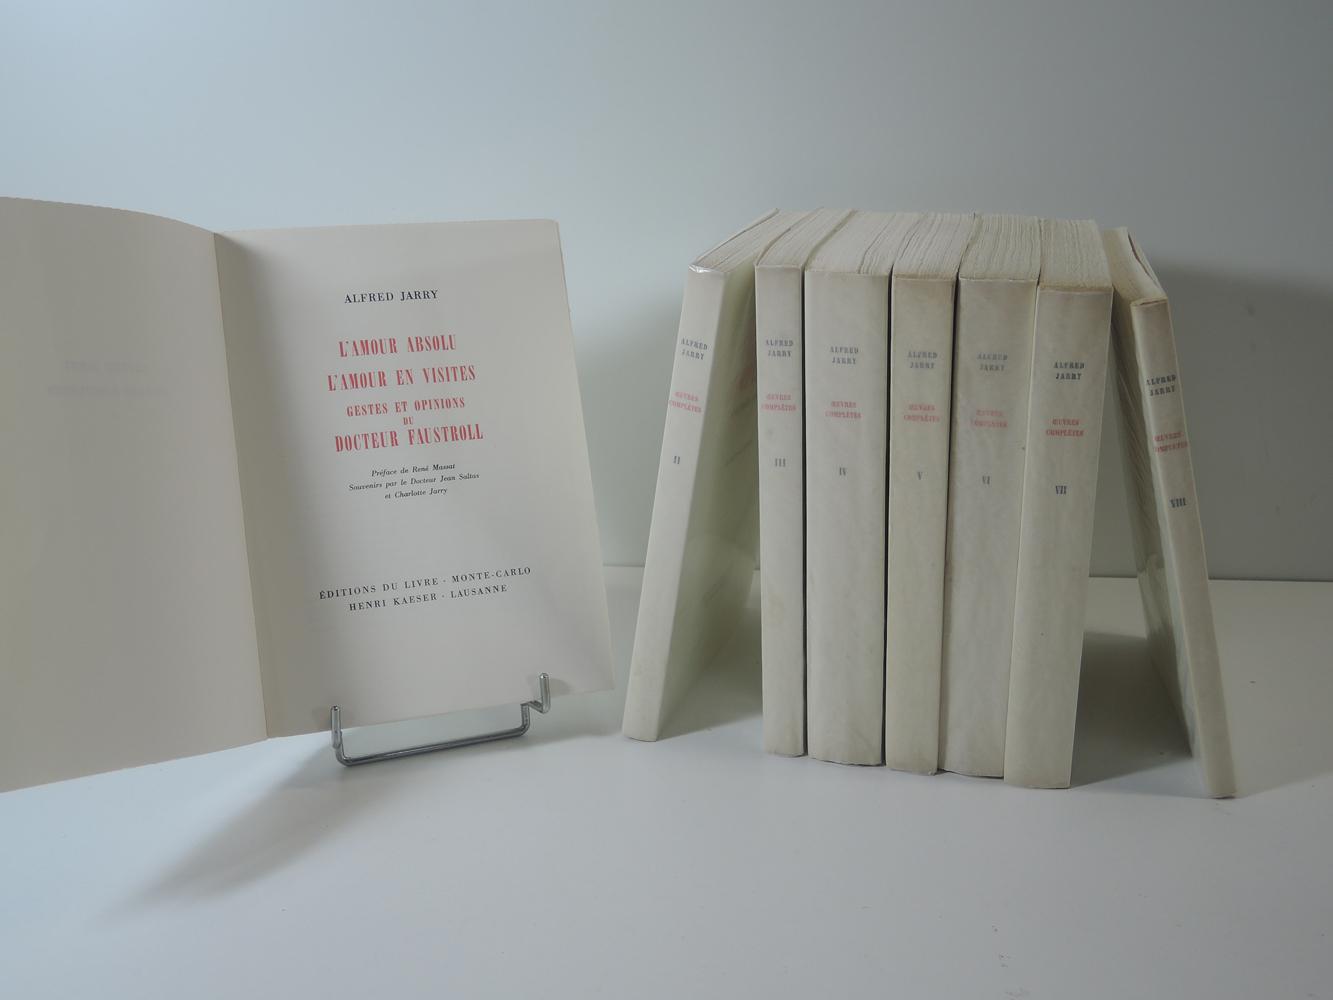 alfred-jarry-oeuvres-completes-preface-de-rene-massat-editions-du-livre-monte-carlo-1948--2